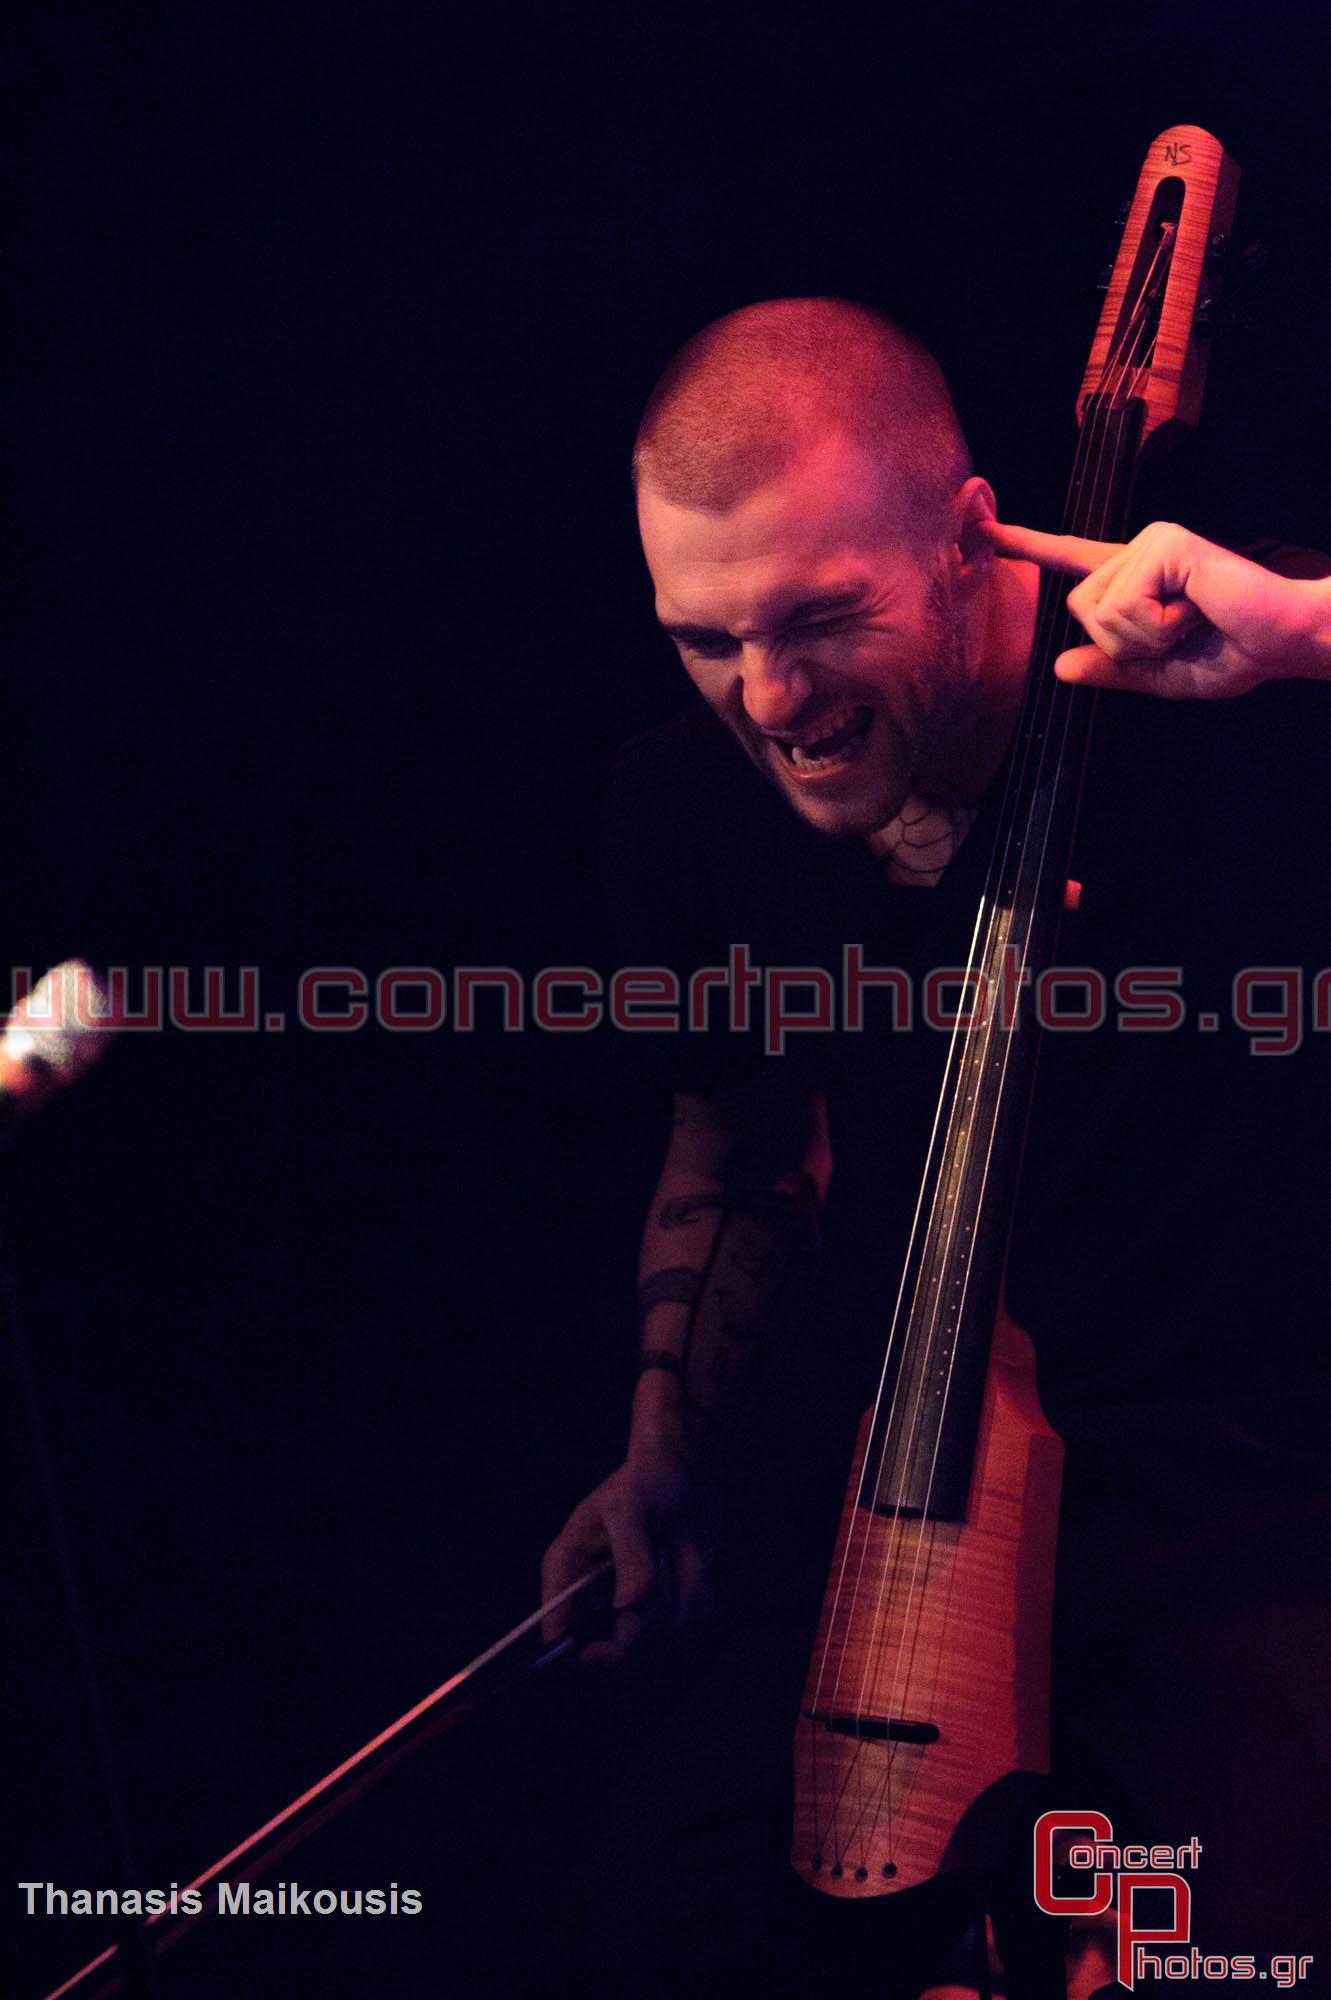 Wax Tailor - photographer: Thanasis Maikousis - ConcertPhotos-7997